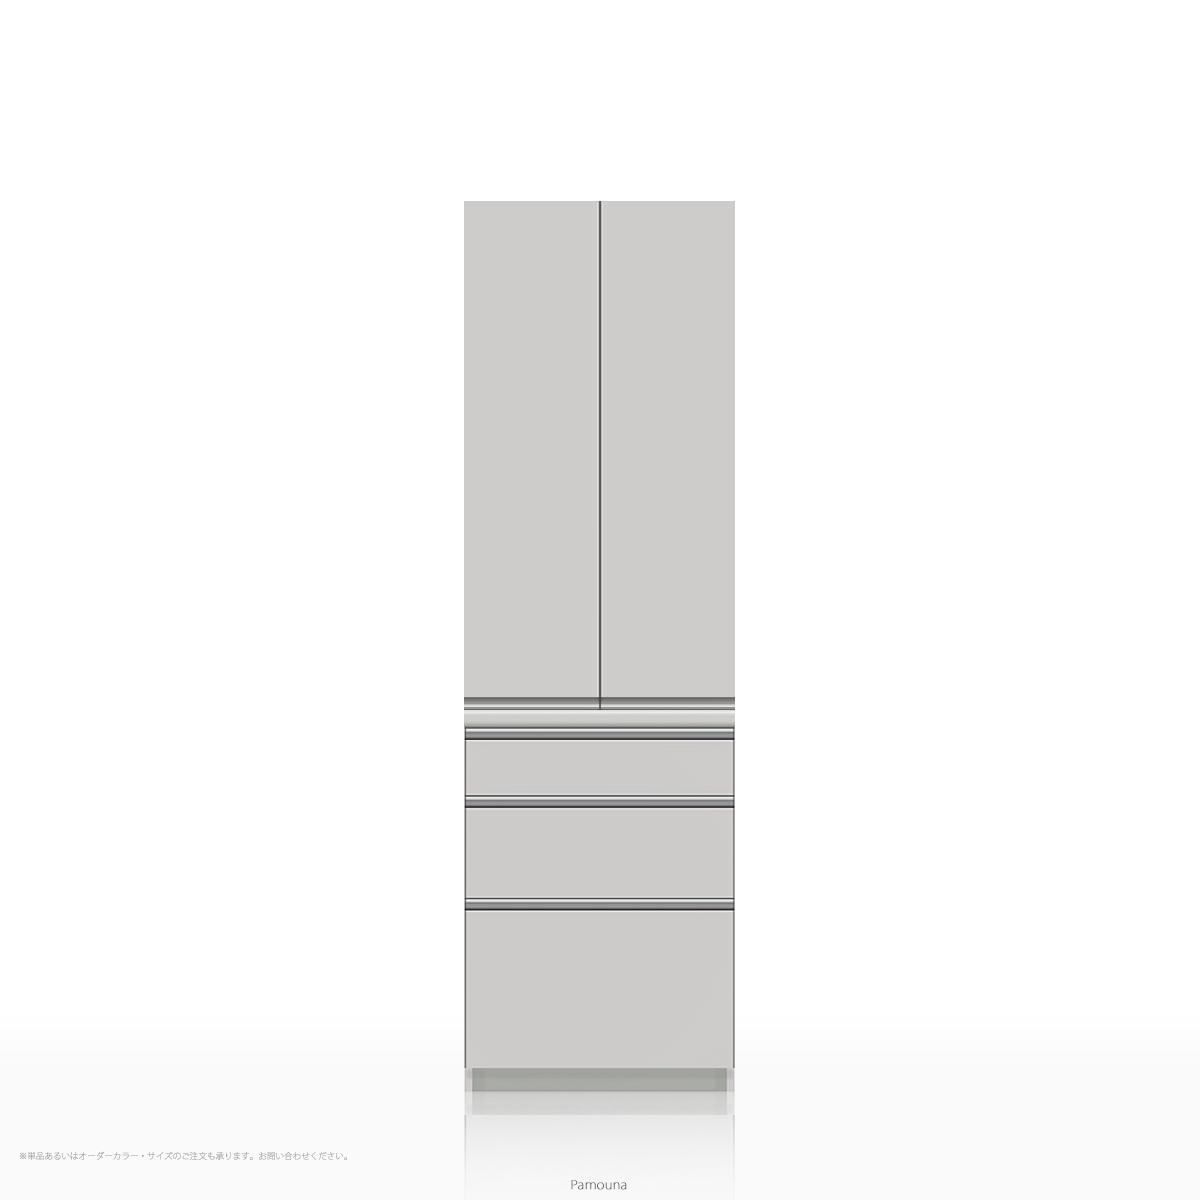 パモウナ 食器棚 WLシリーズ WL-S600K [開き扉] (幅600cm, 奥行き45cm, パールホワイト)【送料無料 ※対象地域(本州,九州,四国)】【同梱不可】【店頭受取対応商品】